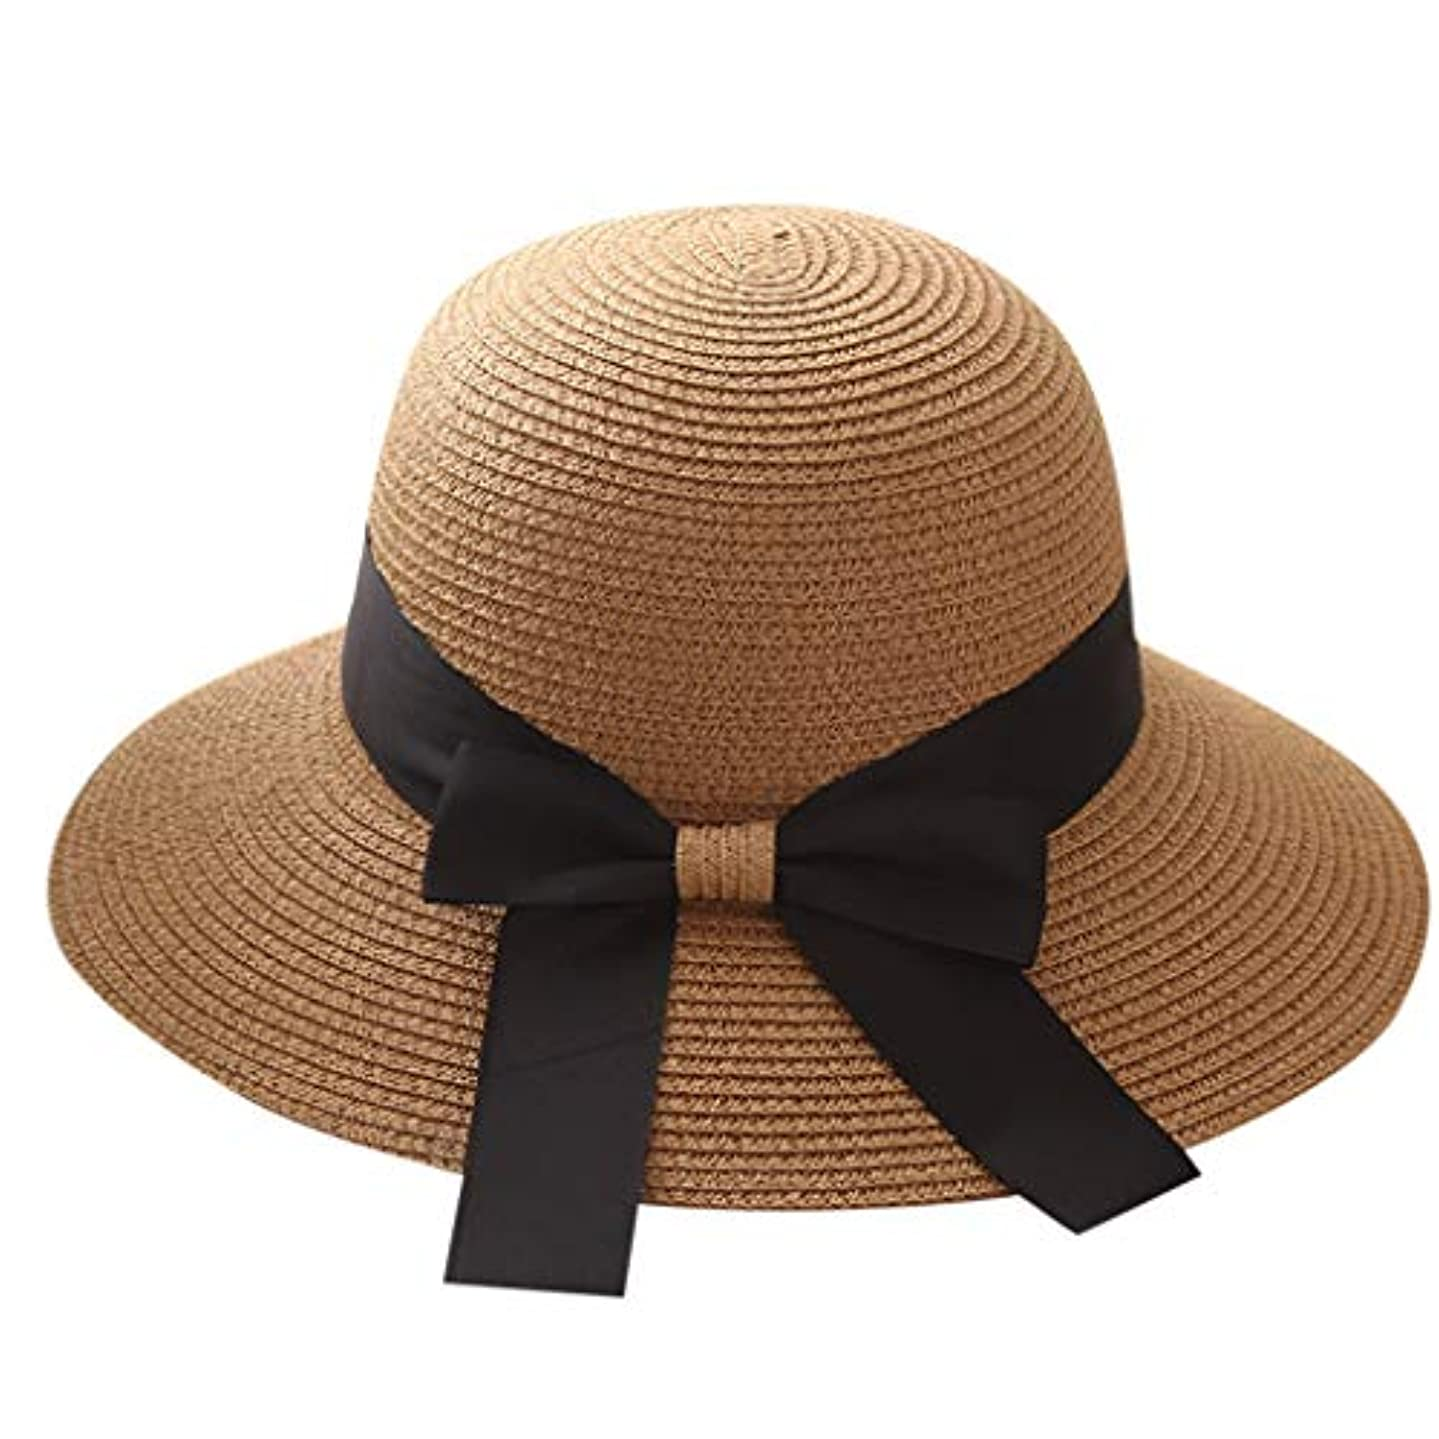 キャプチャー資金地下鉄帽子 レディース UVカット 漁師帽 99%uvカット 日よけ 日焼け防止 熱中症予防 折りたたみ つば広 紫外線対策 麦わら帽子 uv帽 小顔効果 おしゃれ 可愛い 女優帽 高級感 軽量 通気 旅行用 大きいサイズ ROSE...